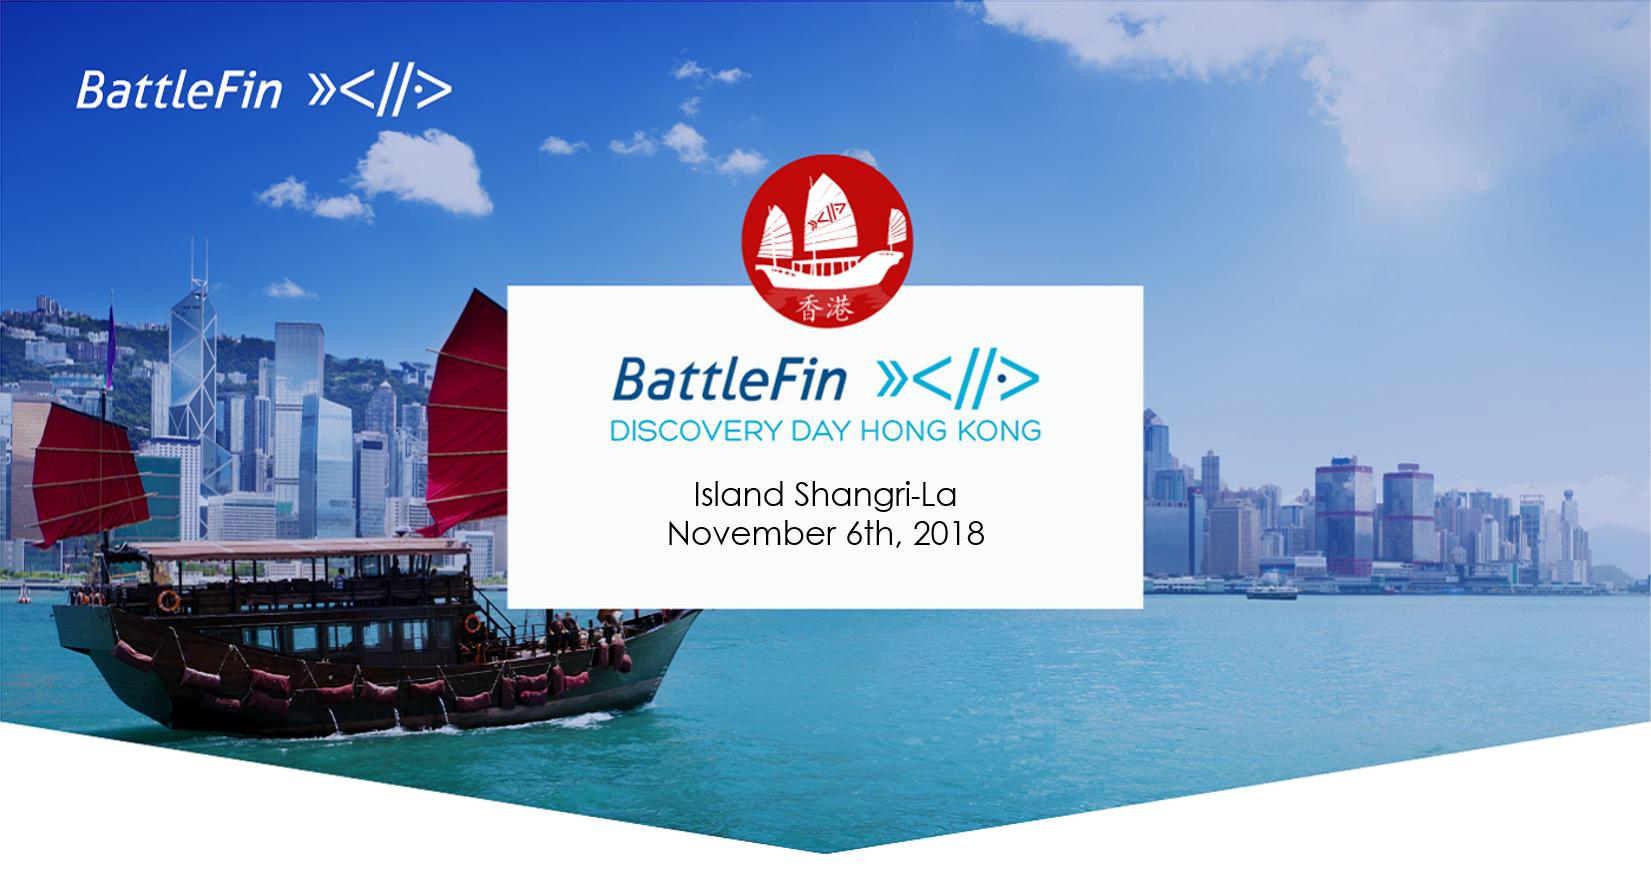 BattleFin Hong Kong